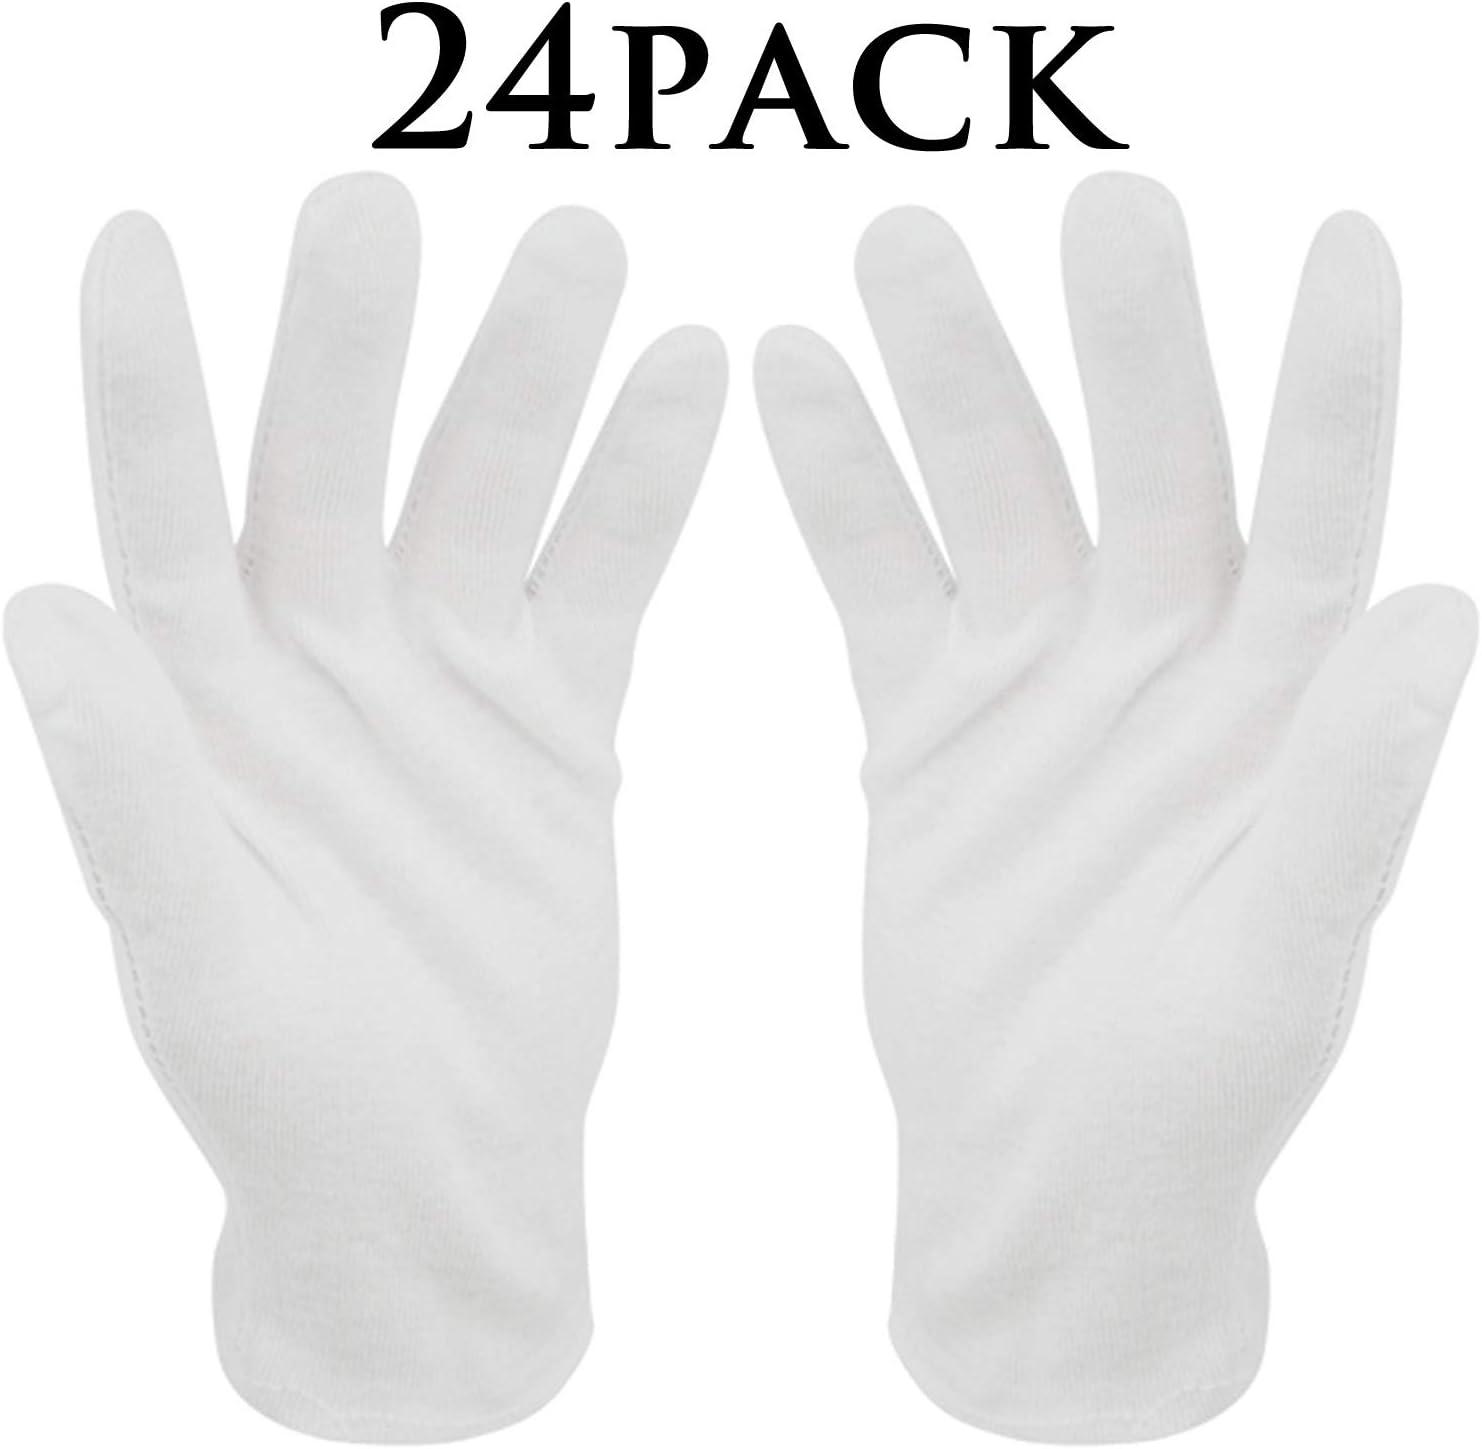 Guantes de algodón blanco,12 pares BESTZY Guantes terapéuticos ...